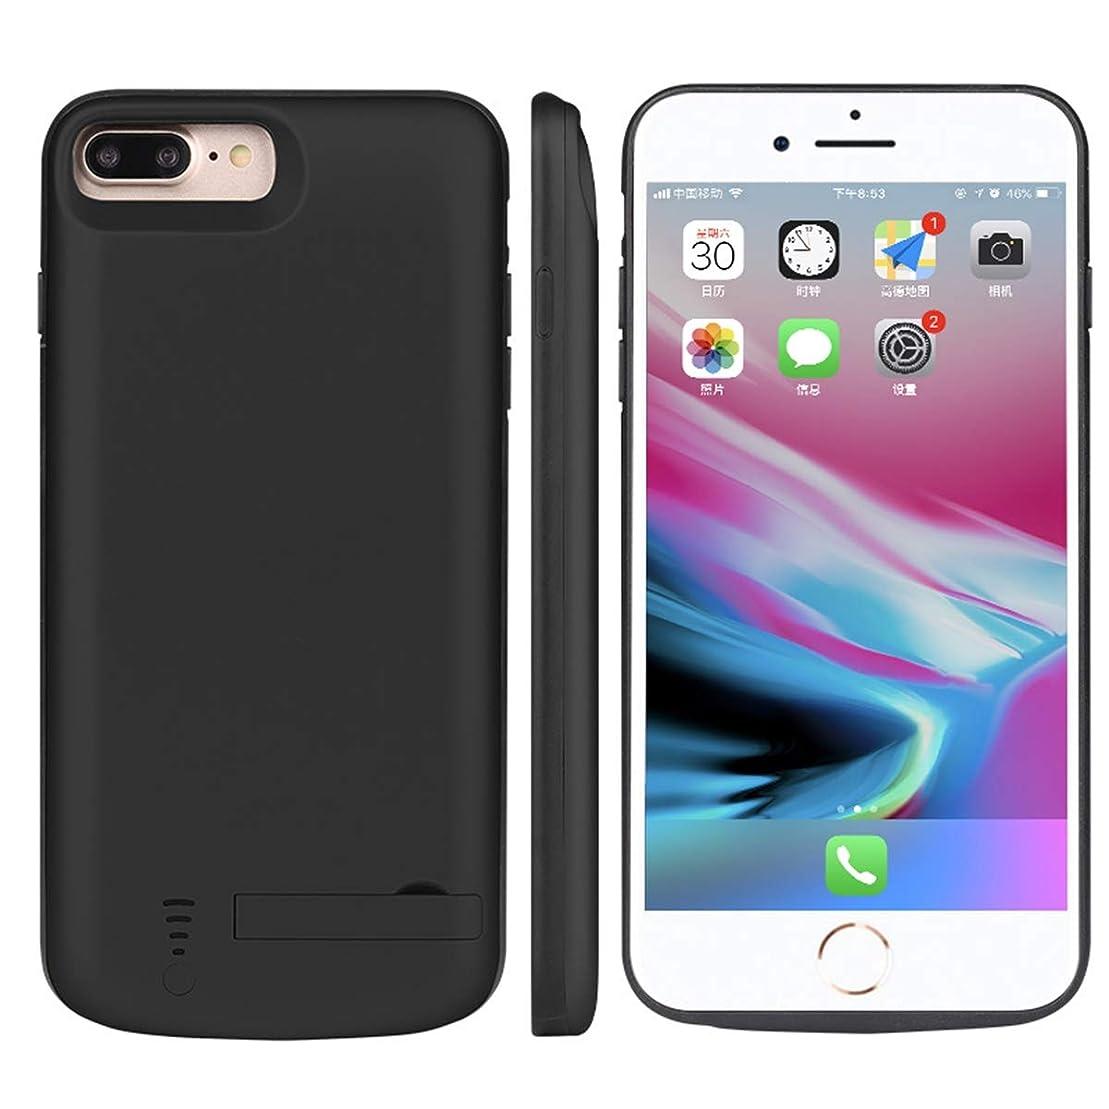 滑り台すごいパドルiPhone 6 iPhone 7 iPhone 8 対応 バッテリー内蔵ケース 5500mAh バッテリーケース 充電ケース iPhone 6 iPhone 7 iPhone 8 対応 ケース バッテリー 大容量 4.7インチ用